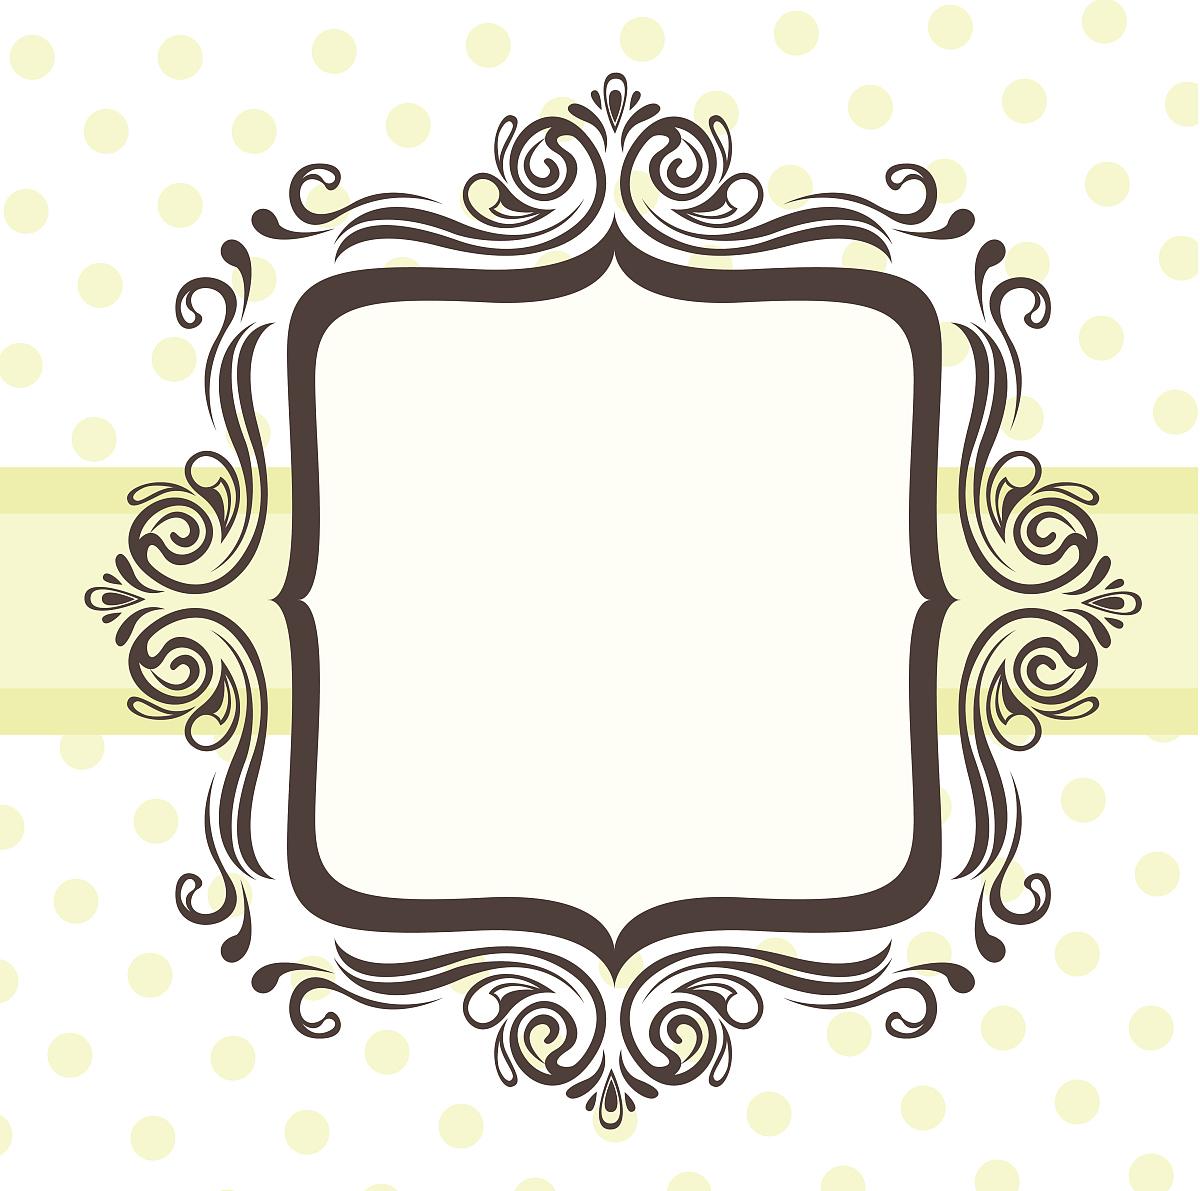 椭圆形边框设计绘画分享展示图片